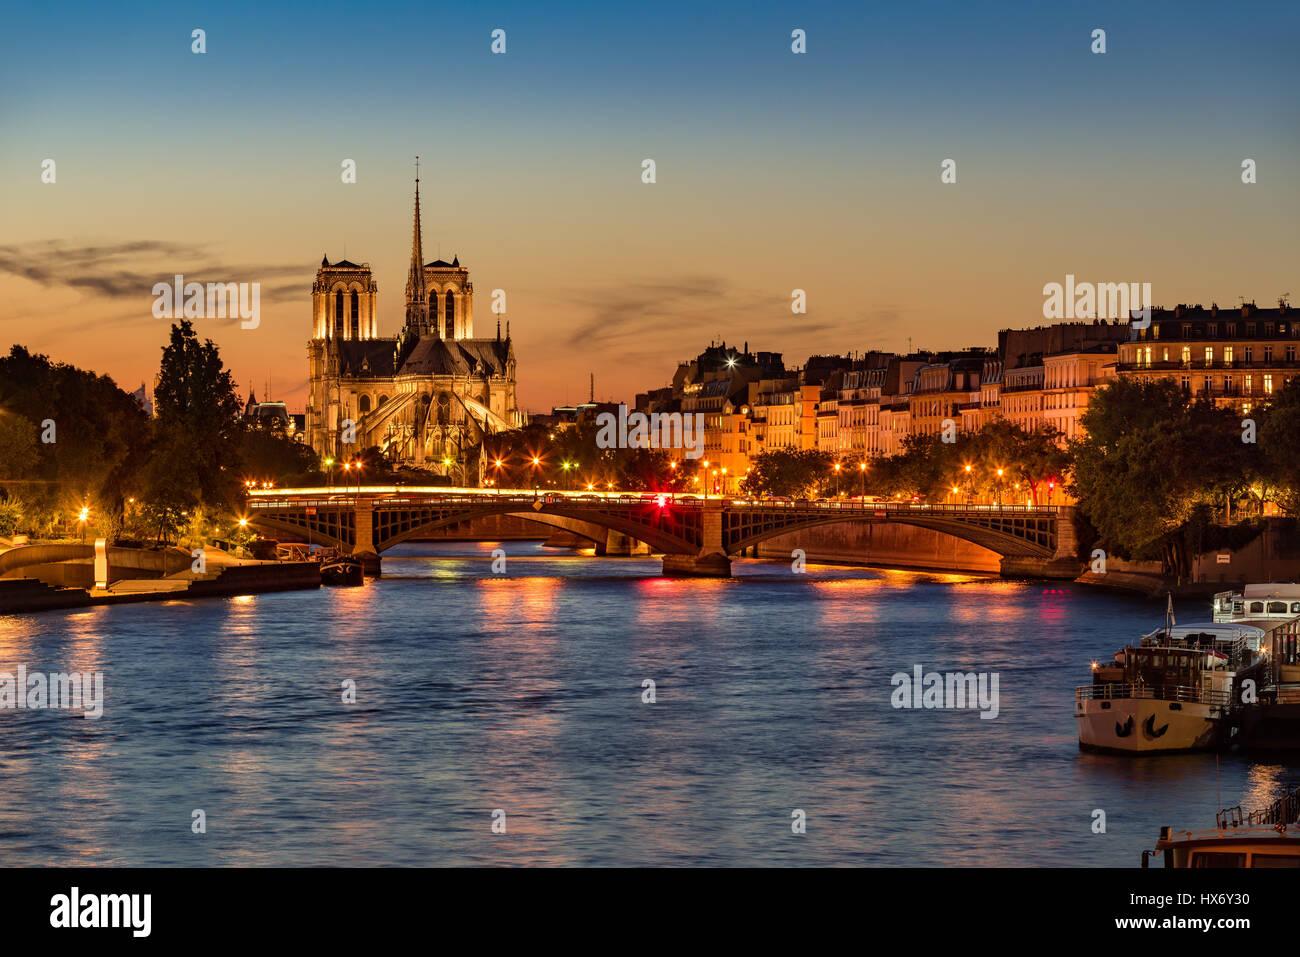 Seineufer, Kathedrale Notre-Dame de Paris und der Ile Saint Louis in der Dämmerung. Sommerabend mit Sully Brücke Stockbild